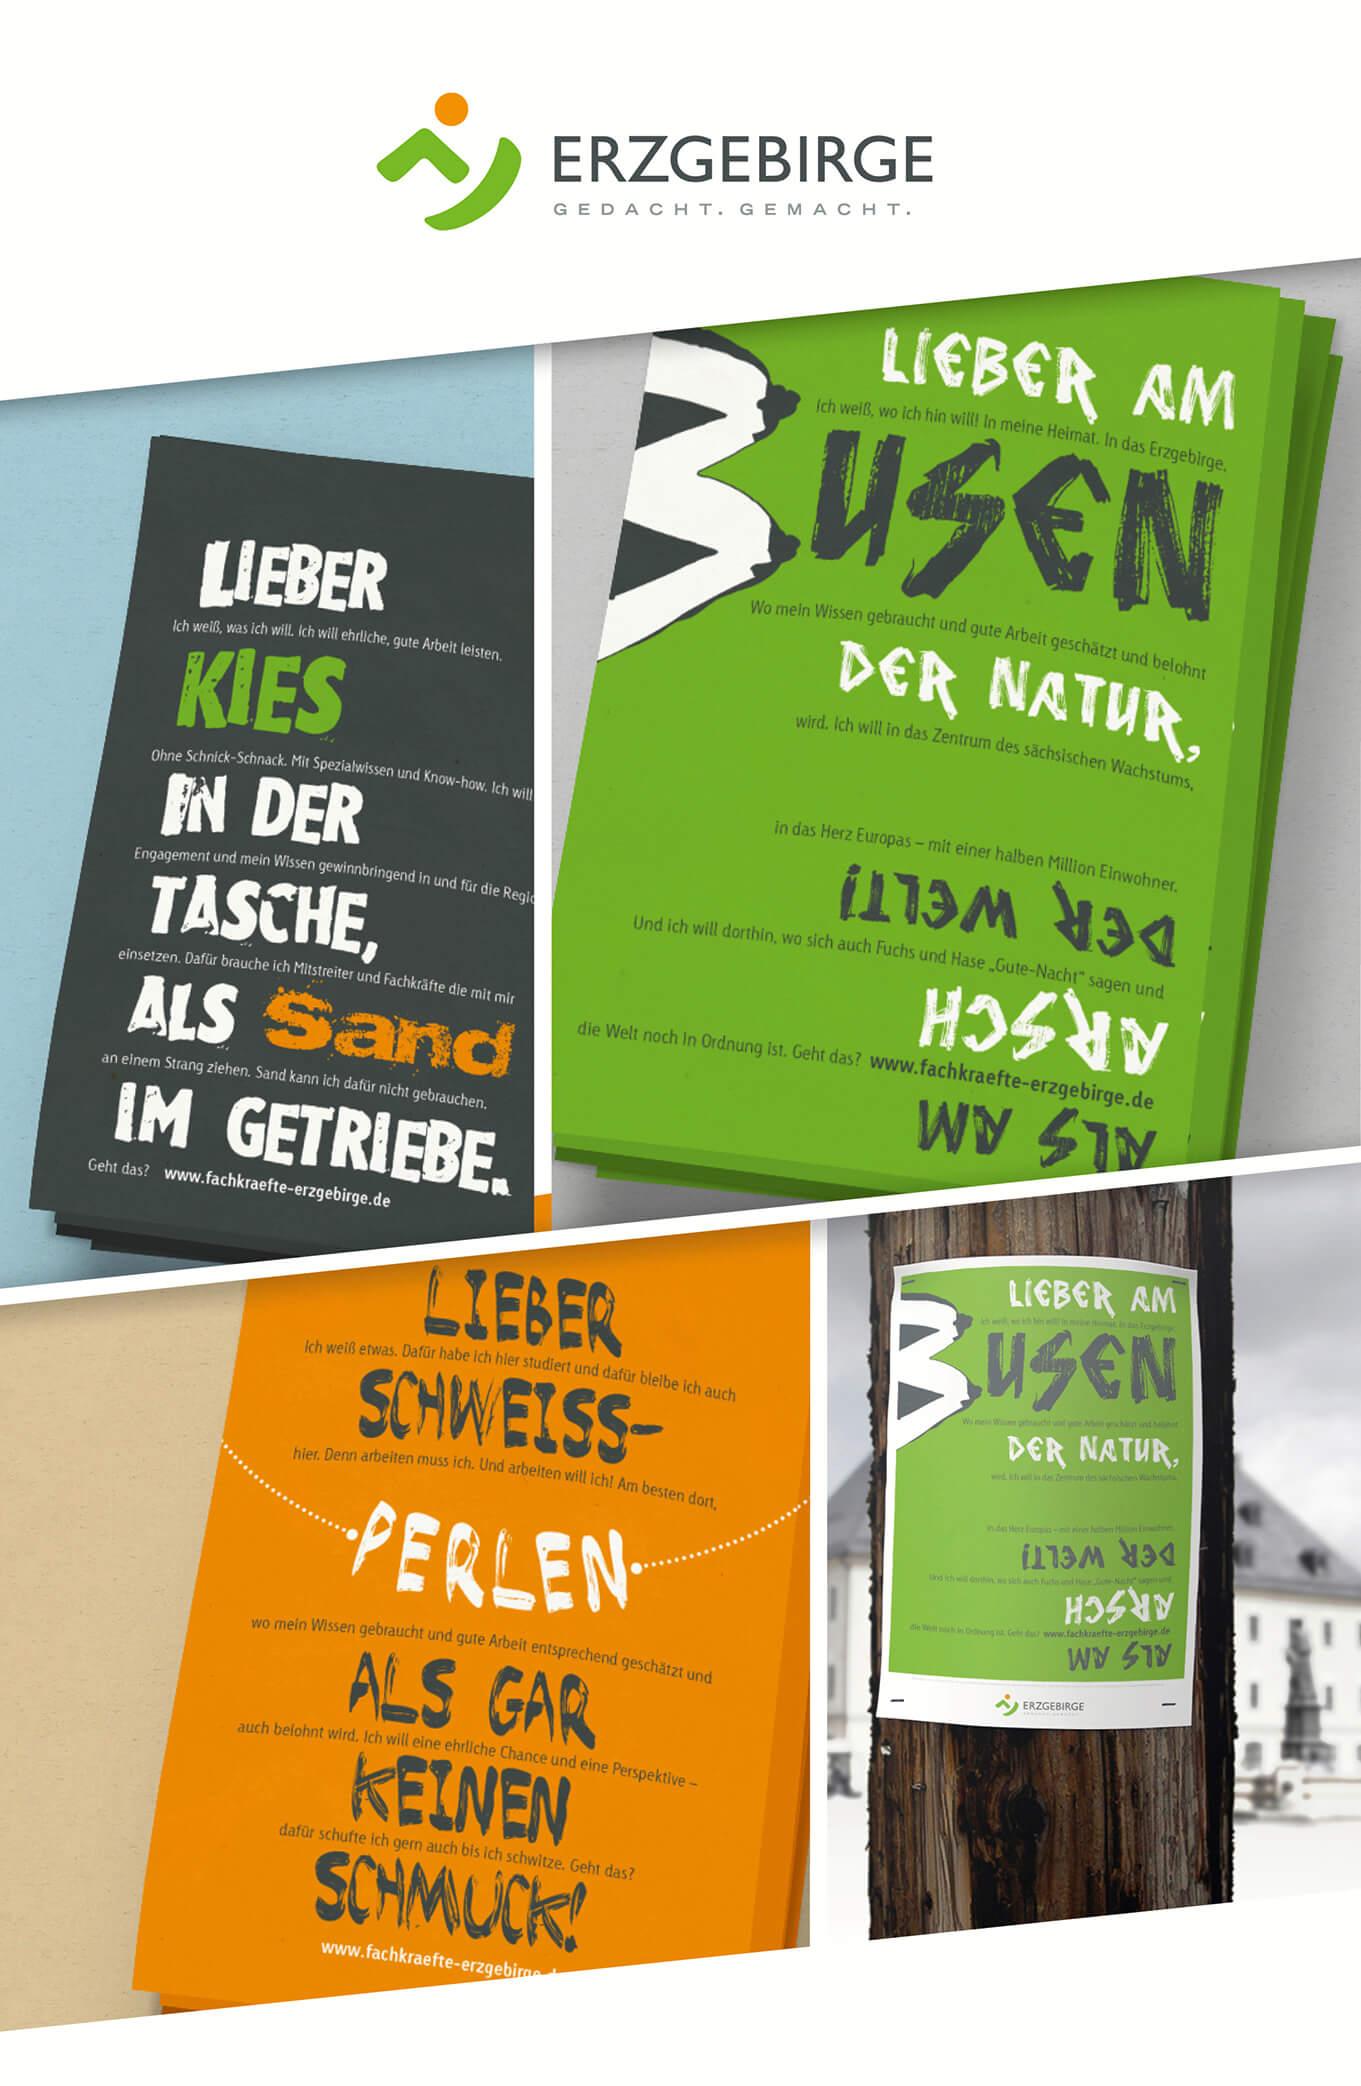 wirtschaftsfoerderung_coole_kampagne_mit_citycards